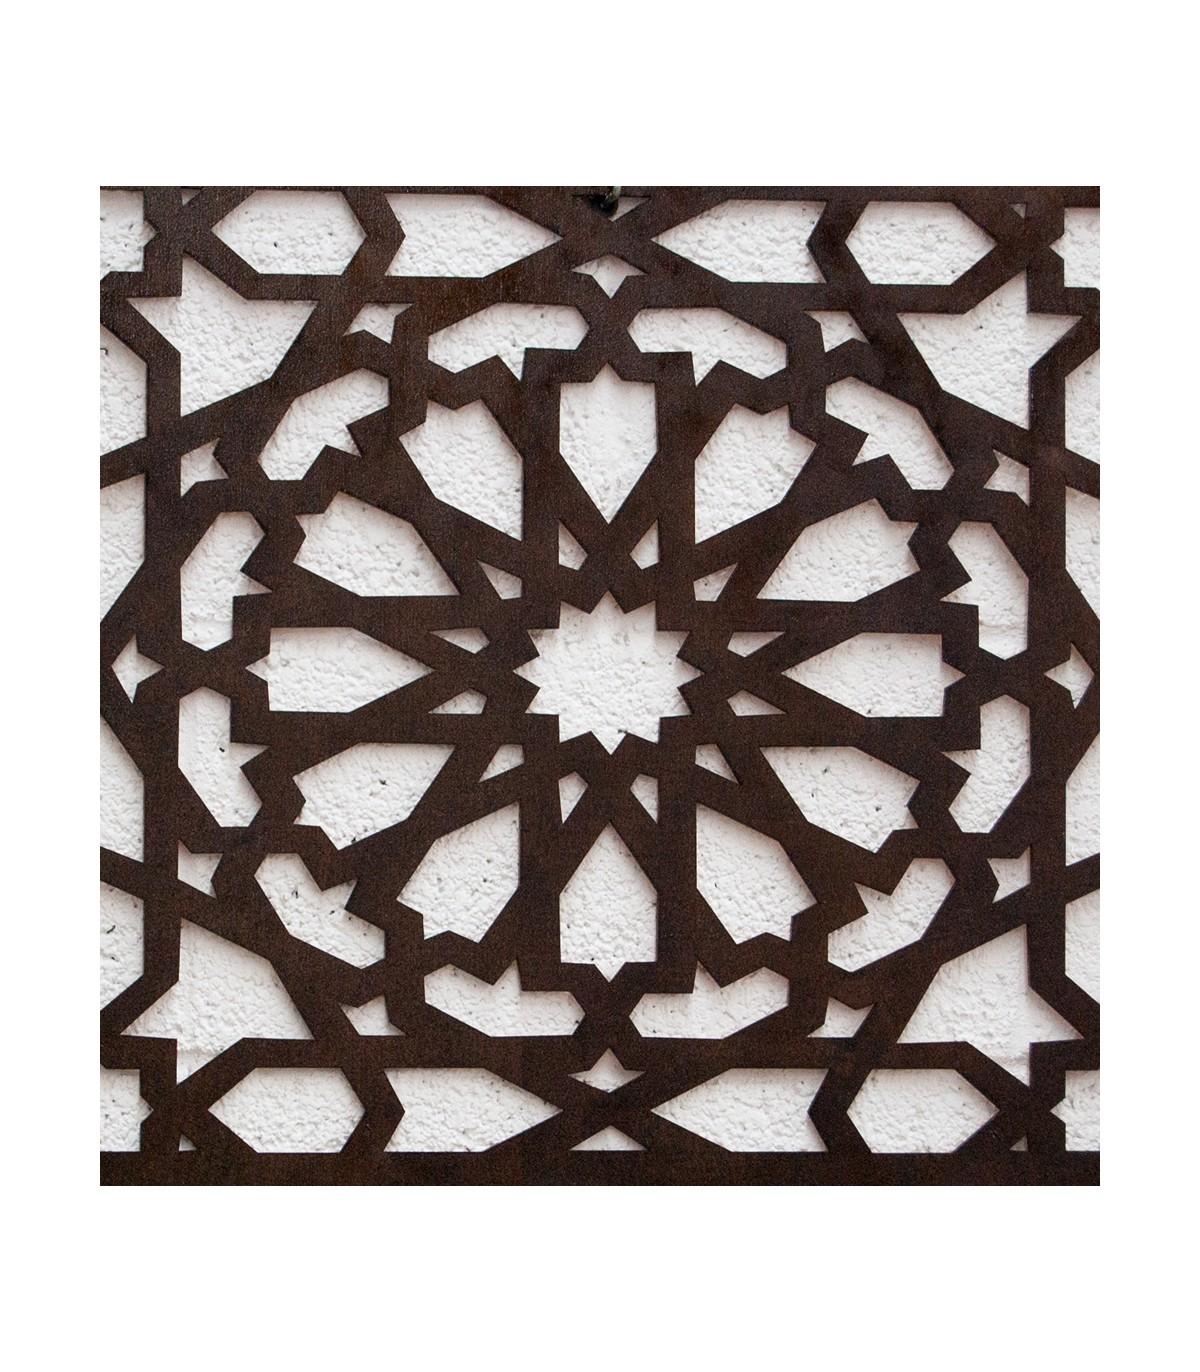 Treillis Bois Pas Cher alhambra de plafond en treillis de bois - 250 x 50 cm - 4 mm